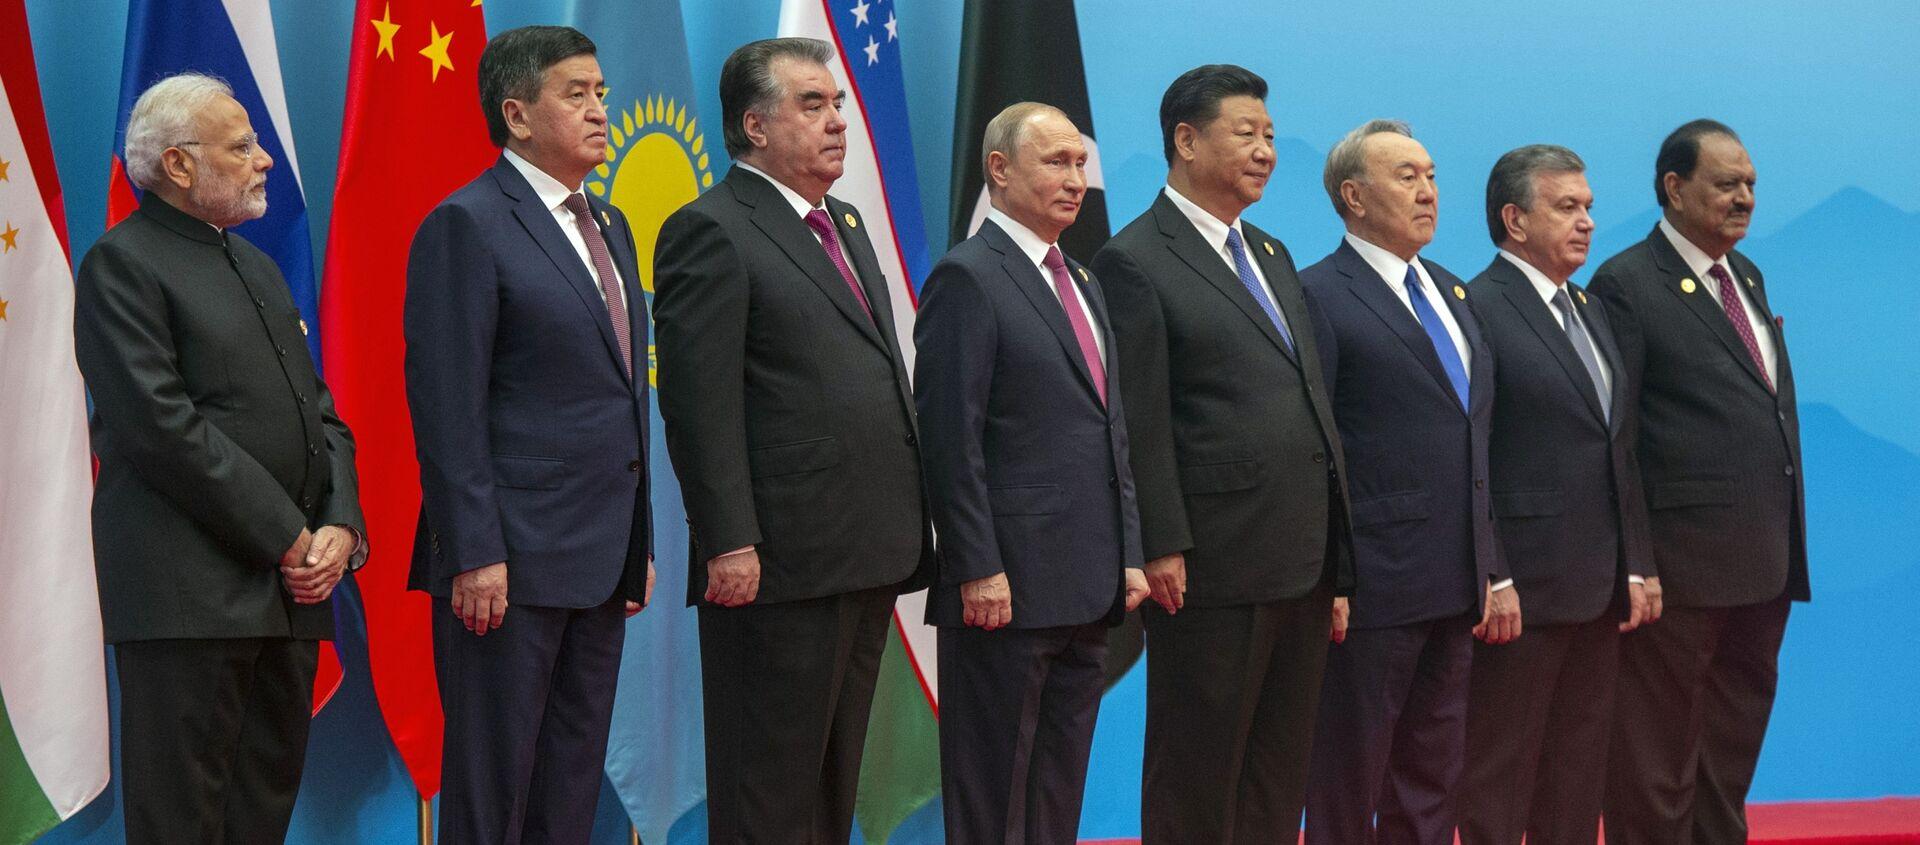 Президент РФ В. Путин на саммите ШОС в Китае. День второй - Sputnik Абхазия, 1920, 13.06.2019